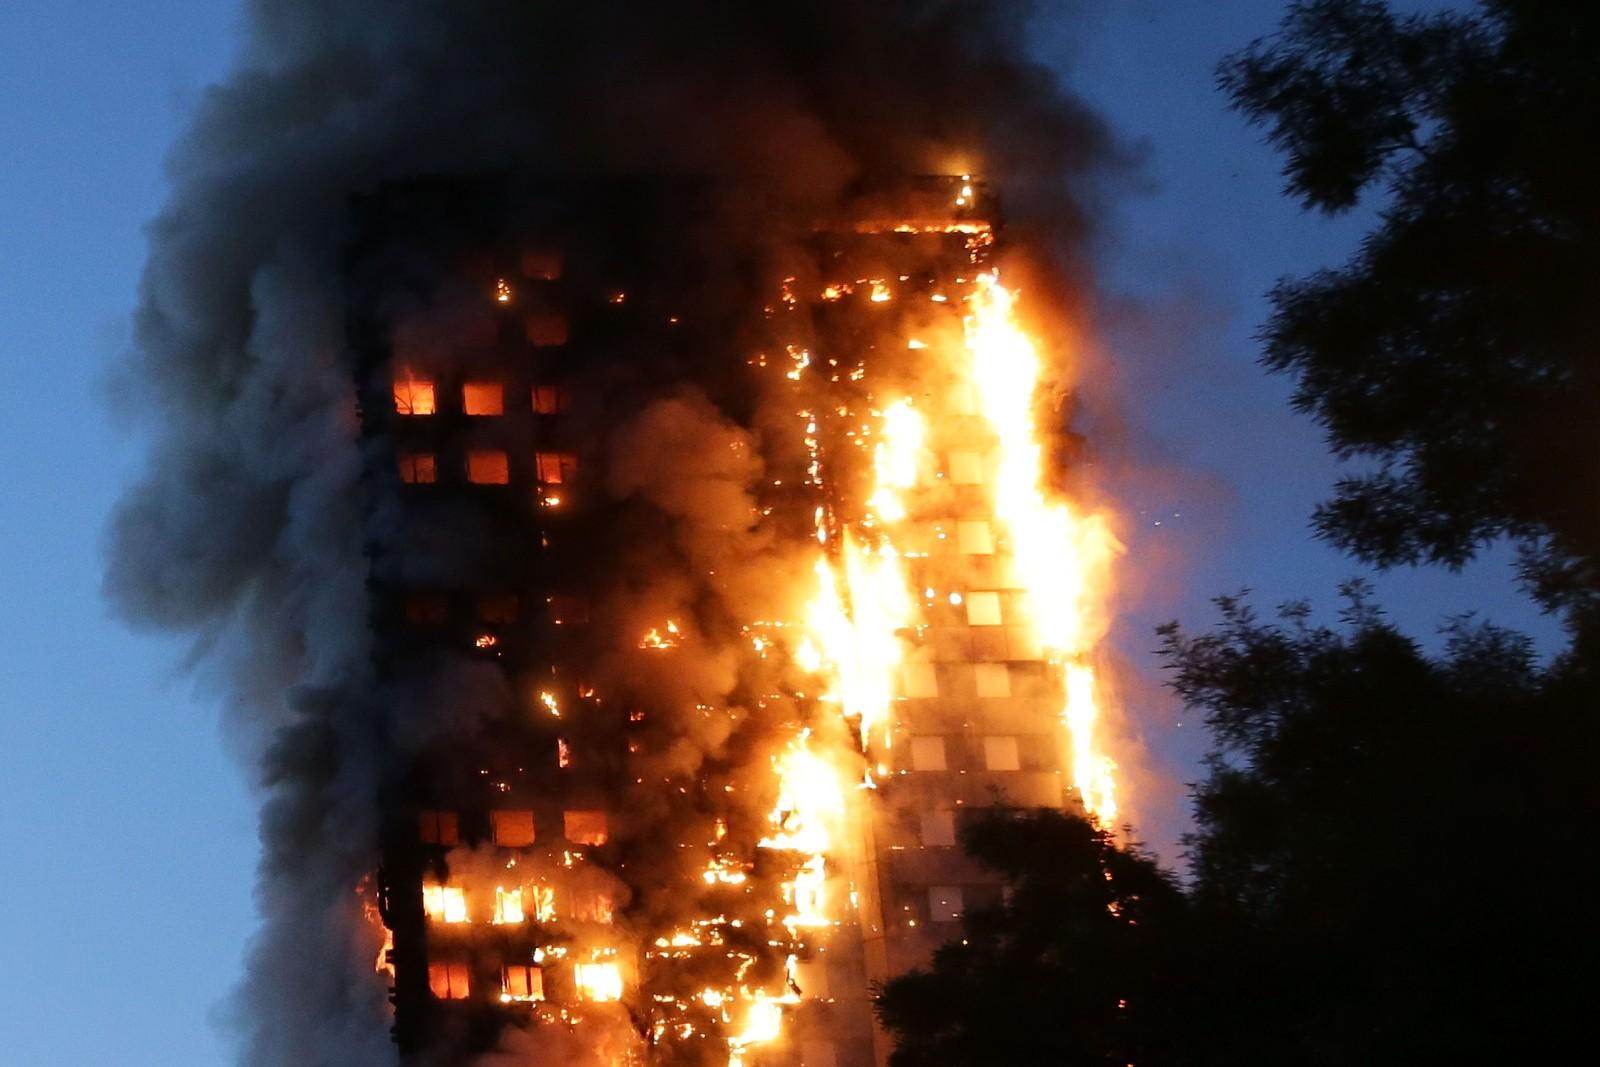 STORBRANN: Ifølge vitnebeskrivelser utviklet brannen seg svært raskt. Den 24 etasjer høye bygningen stod etterhvert i full fyr, mens mennesker var fanget inne i leilighetene sine.